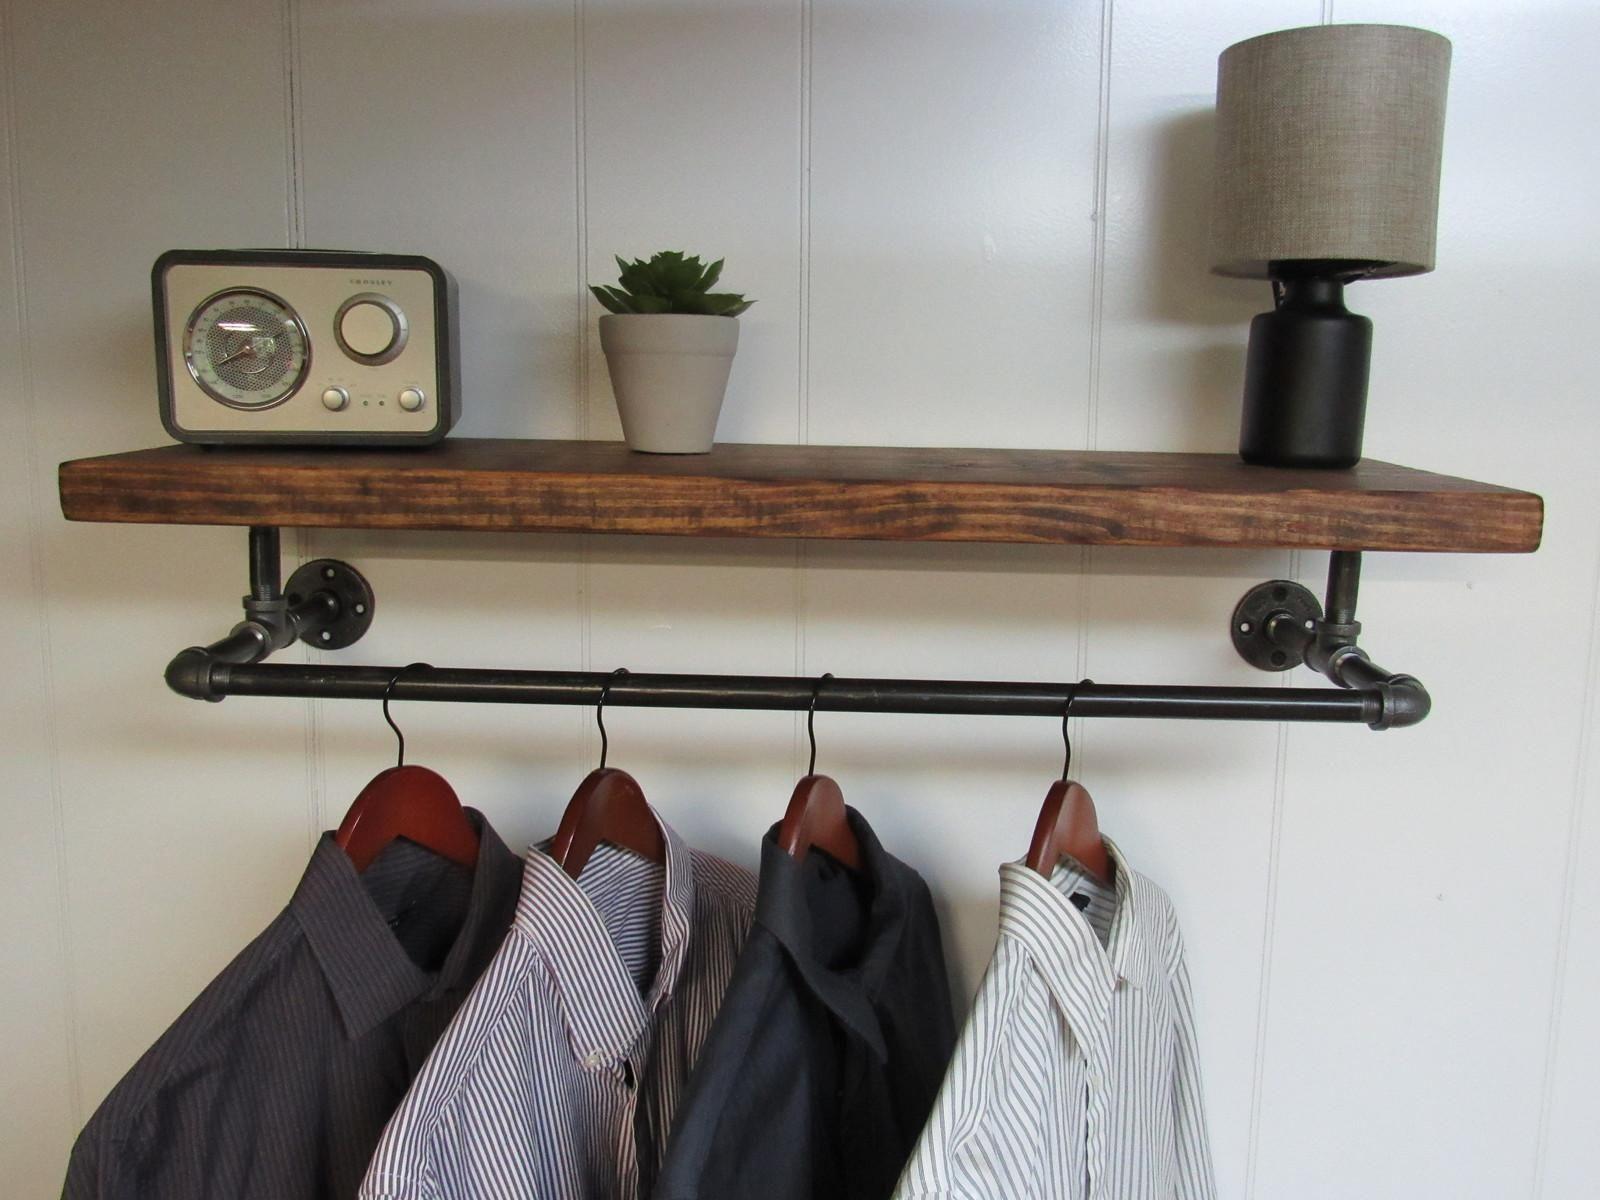 Industrial Clothing Rack Shelf Retail Display Garment Rack Retail Fixture Industrial Shelf Clothing Display F In 2020 Regal Kleiderstander Gastro Einrichtung